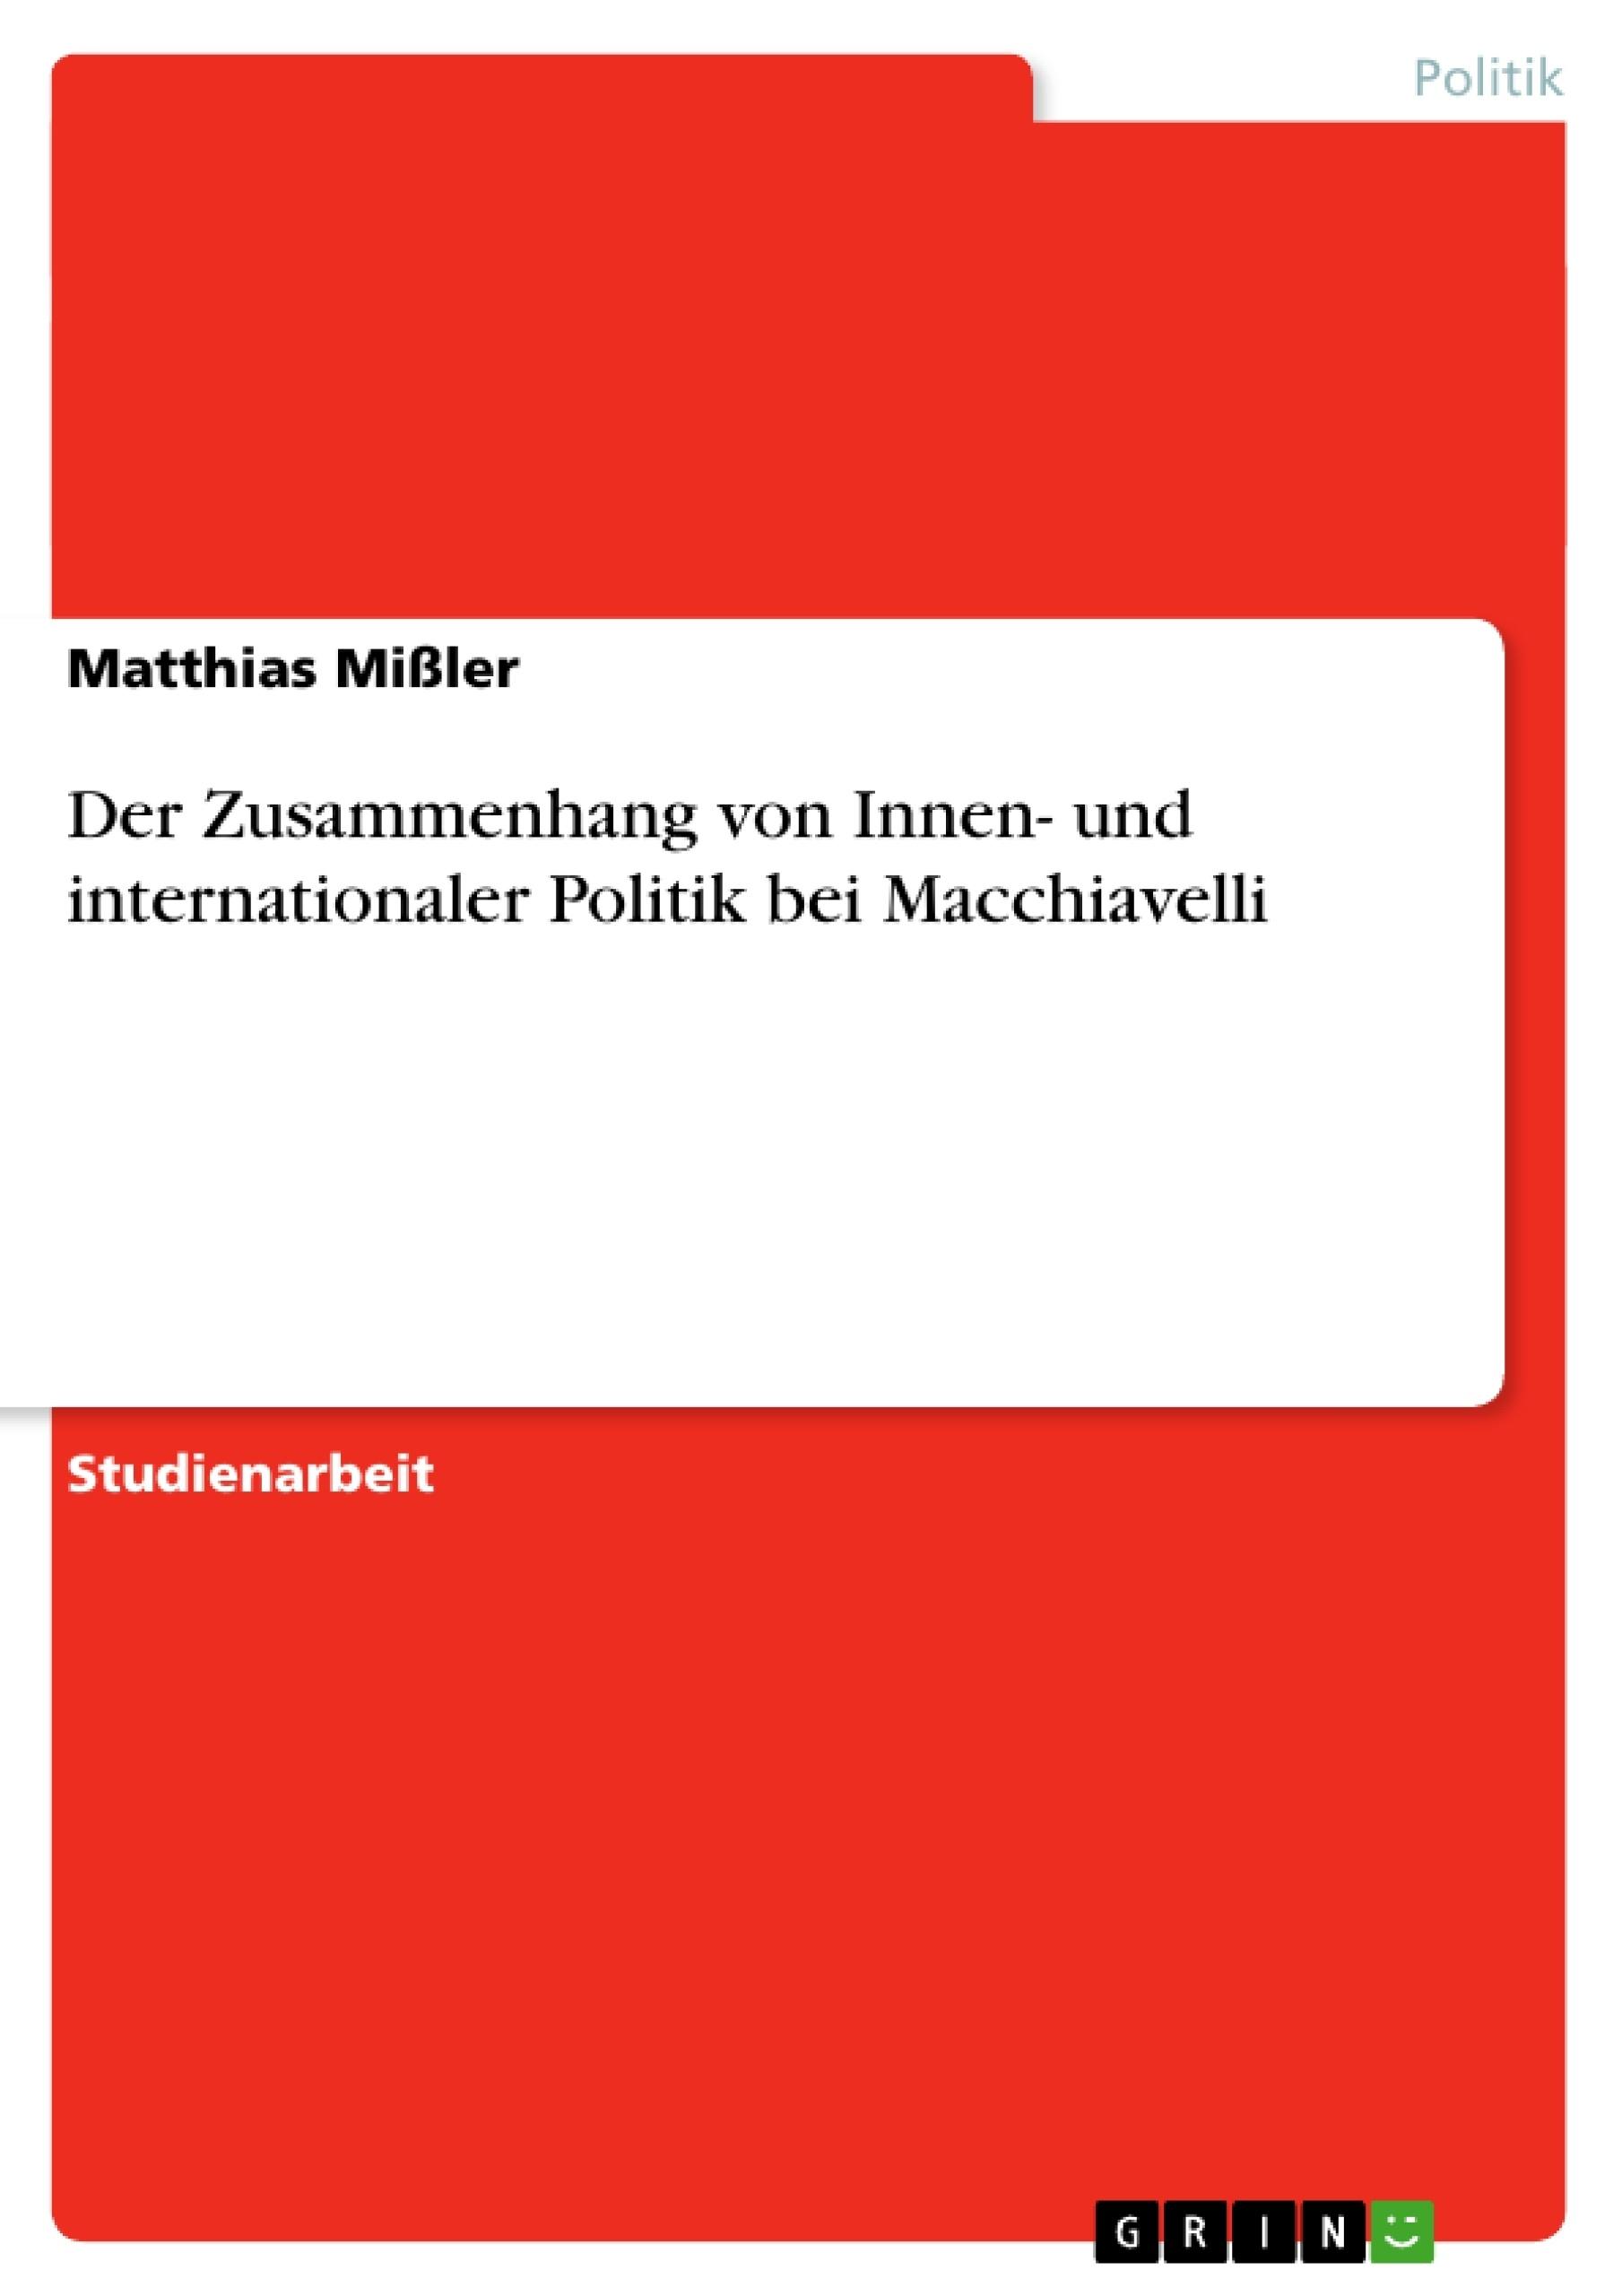 Titel: Der Zusammenhang von Innen- und internationaler Politik bei Macchiavelli